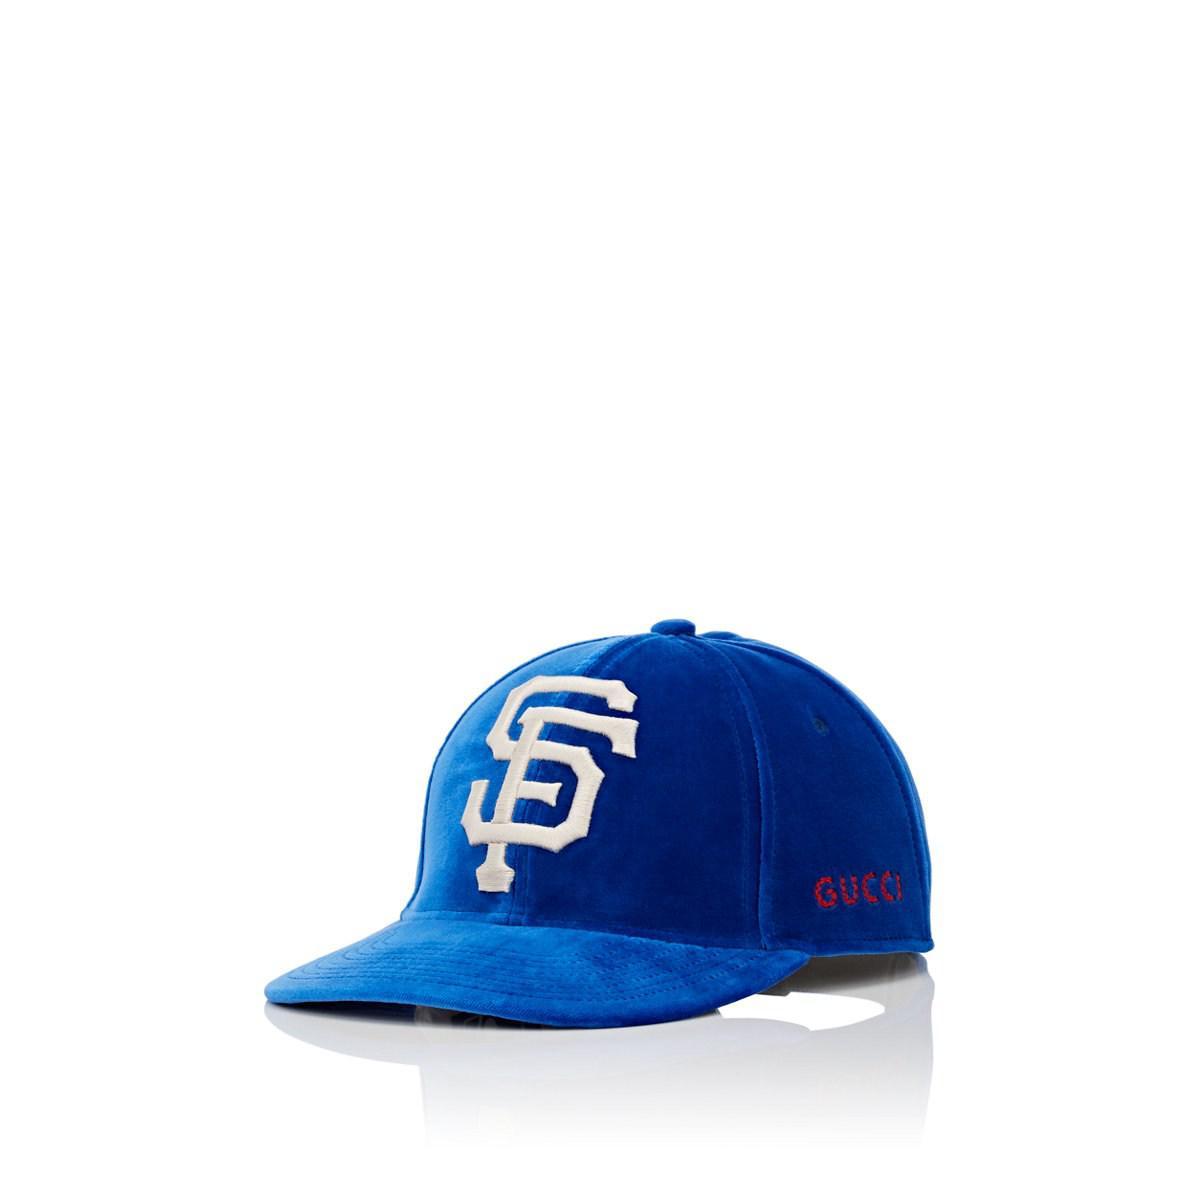 Lyst - Gucci Sf Giantstm Velvet Baseball Cap in Blue for Men f3f8e6669d3